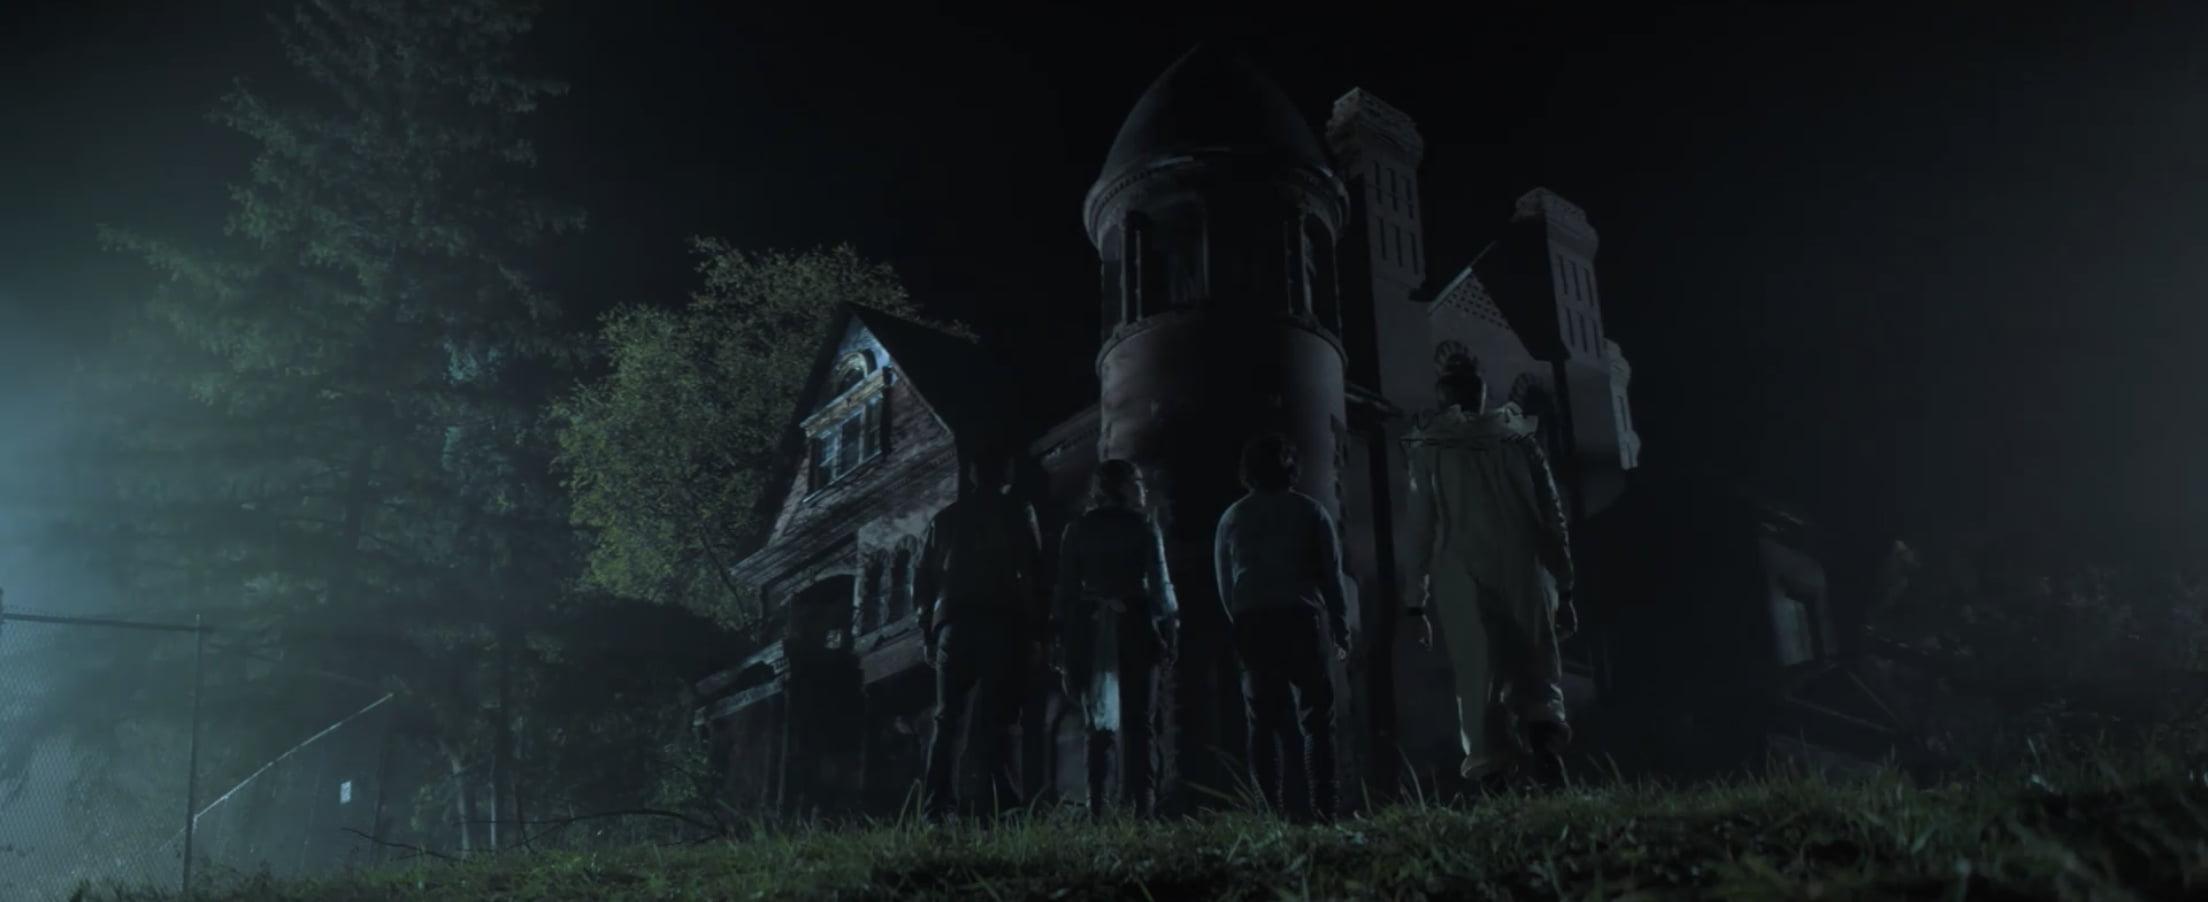 Halloween: 10 Film Per Ragazzi Da Guardare O Riguardare 20 - Hynerd.it